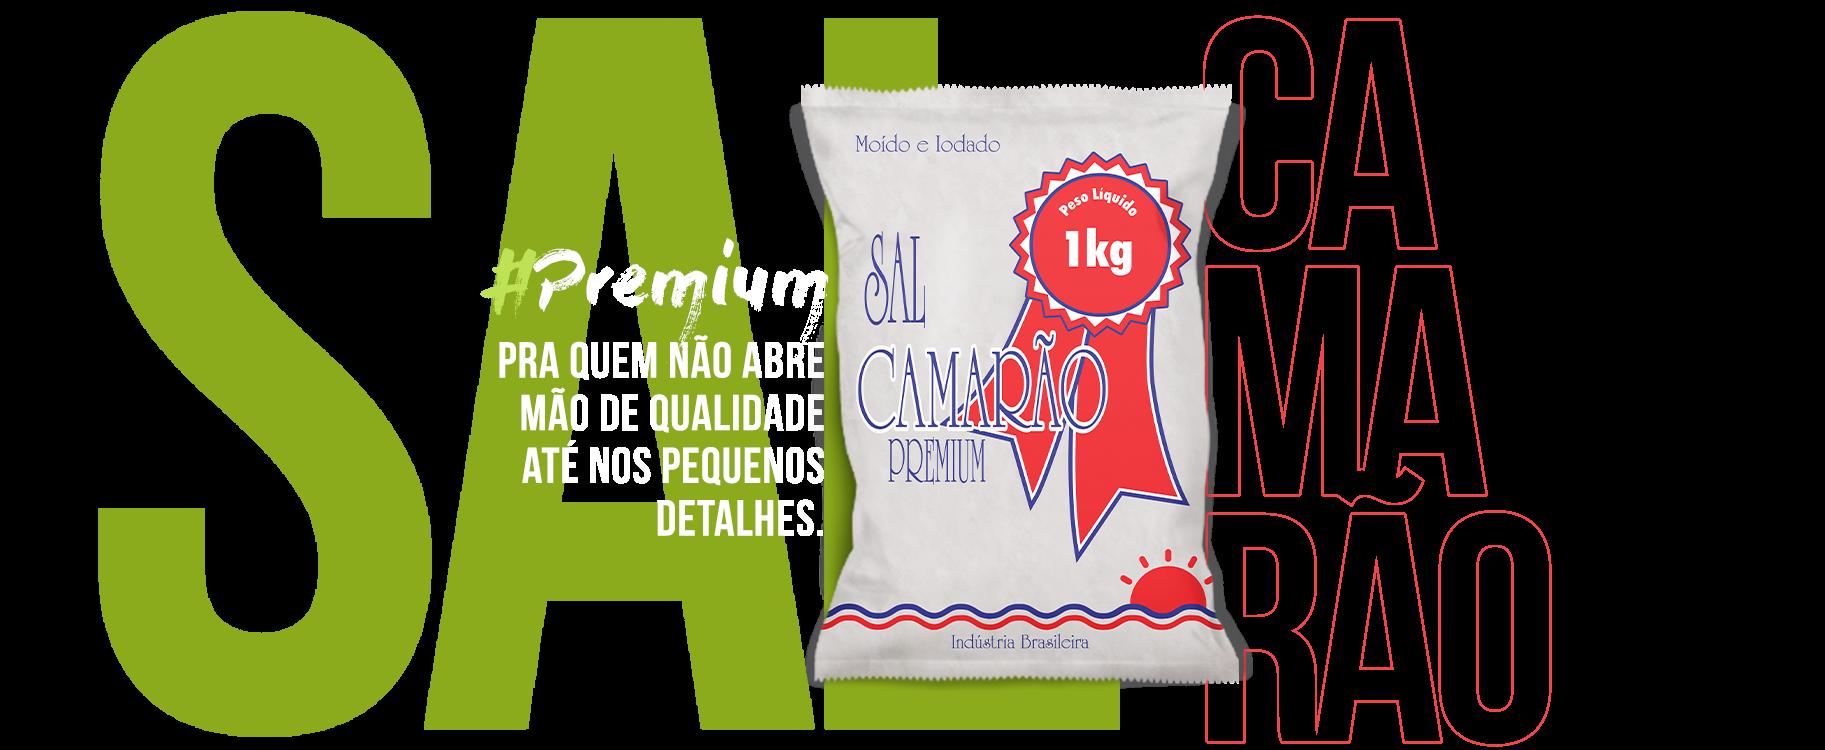 Camarão 1kg